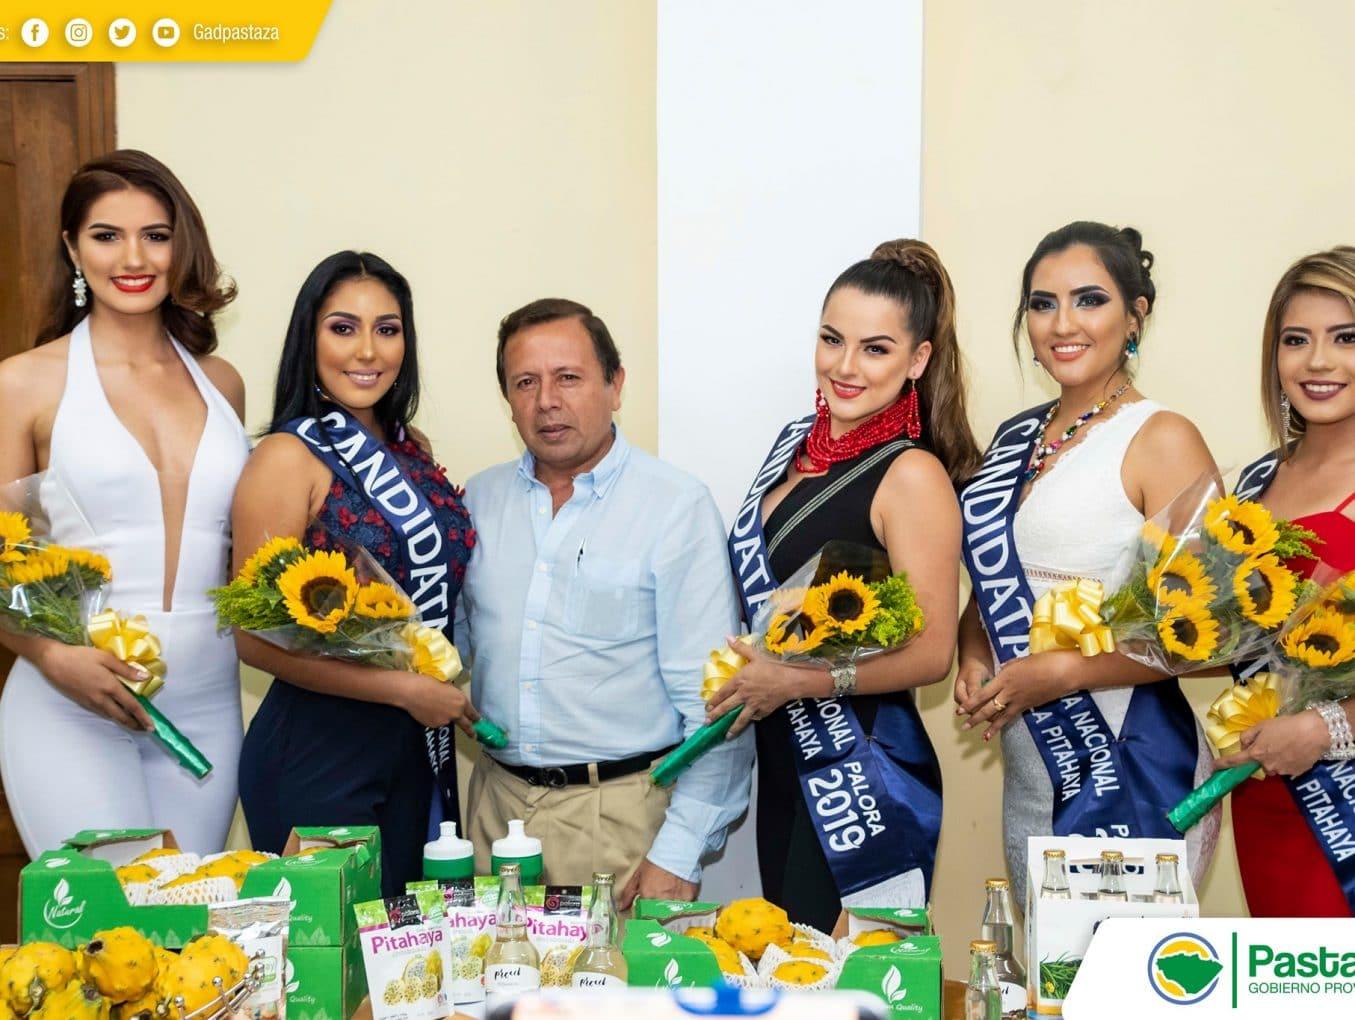 Rueda de Prensa con motivo de la realización de la Primera Feria Nacional de la Pitahaya, Palora 2019.